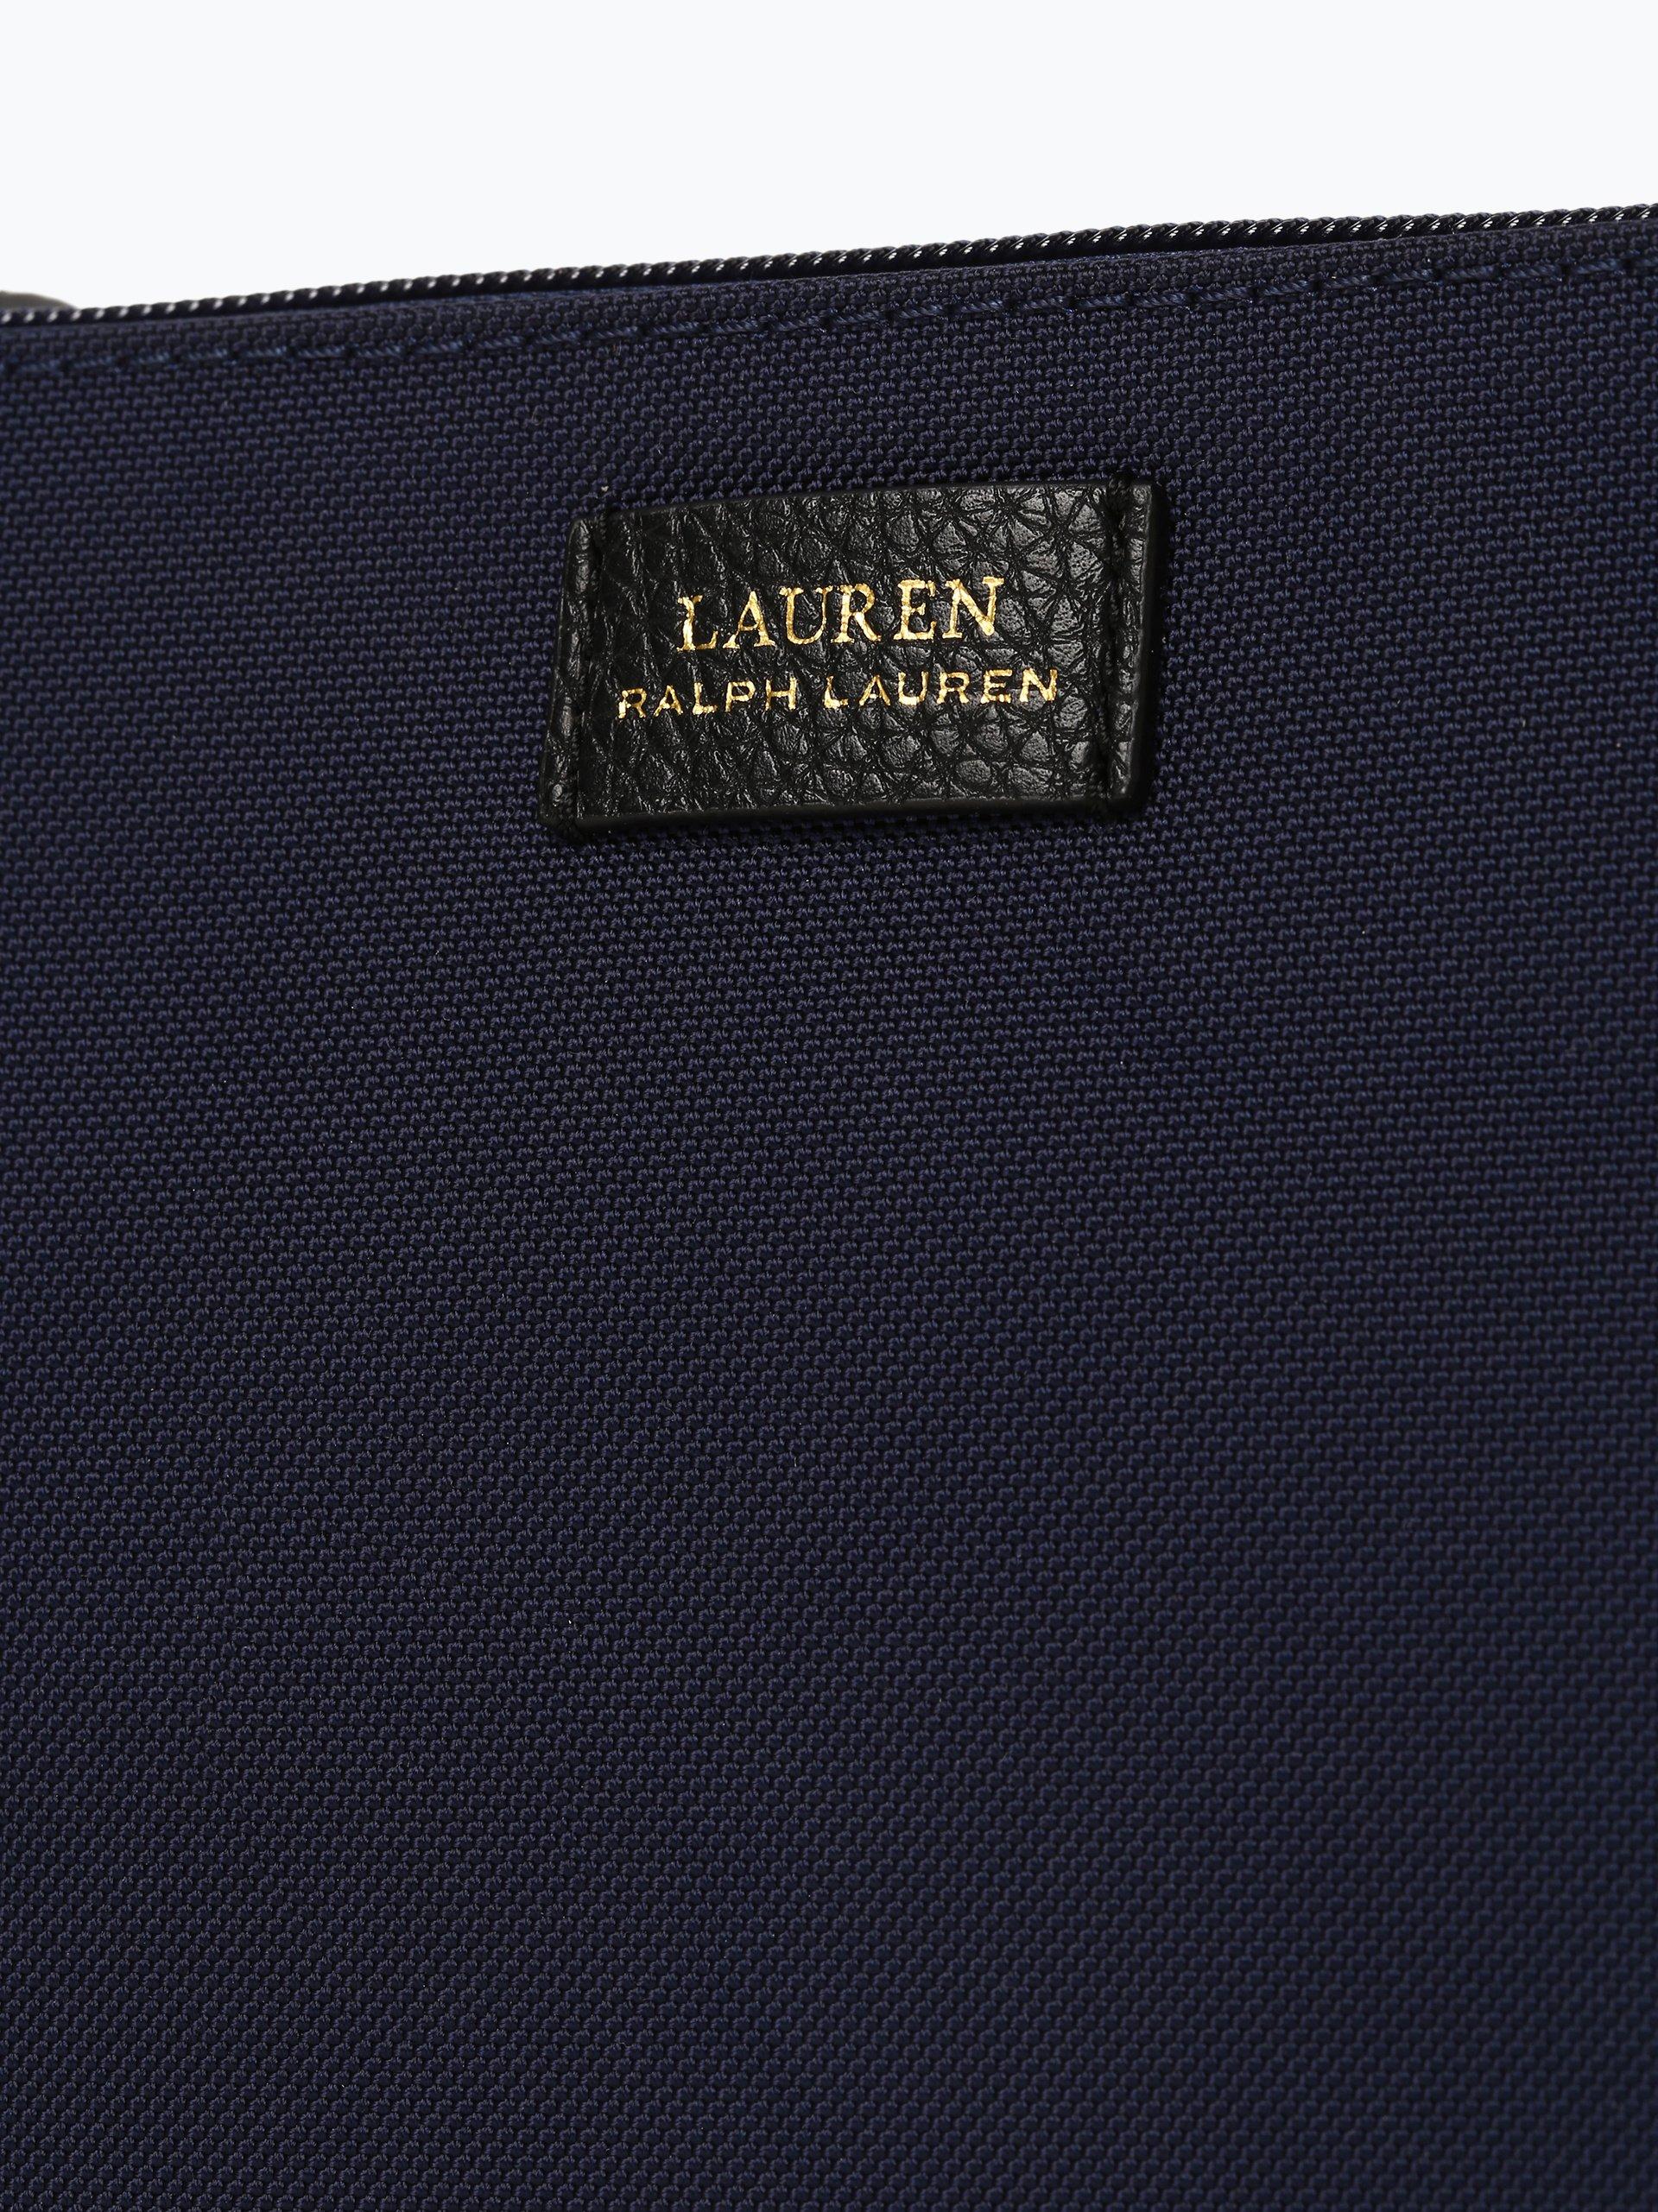 LAUREN RALPH LAUREN Damen Umhängetasche